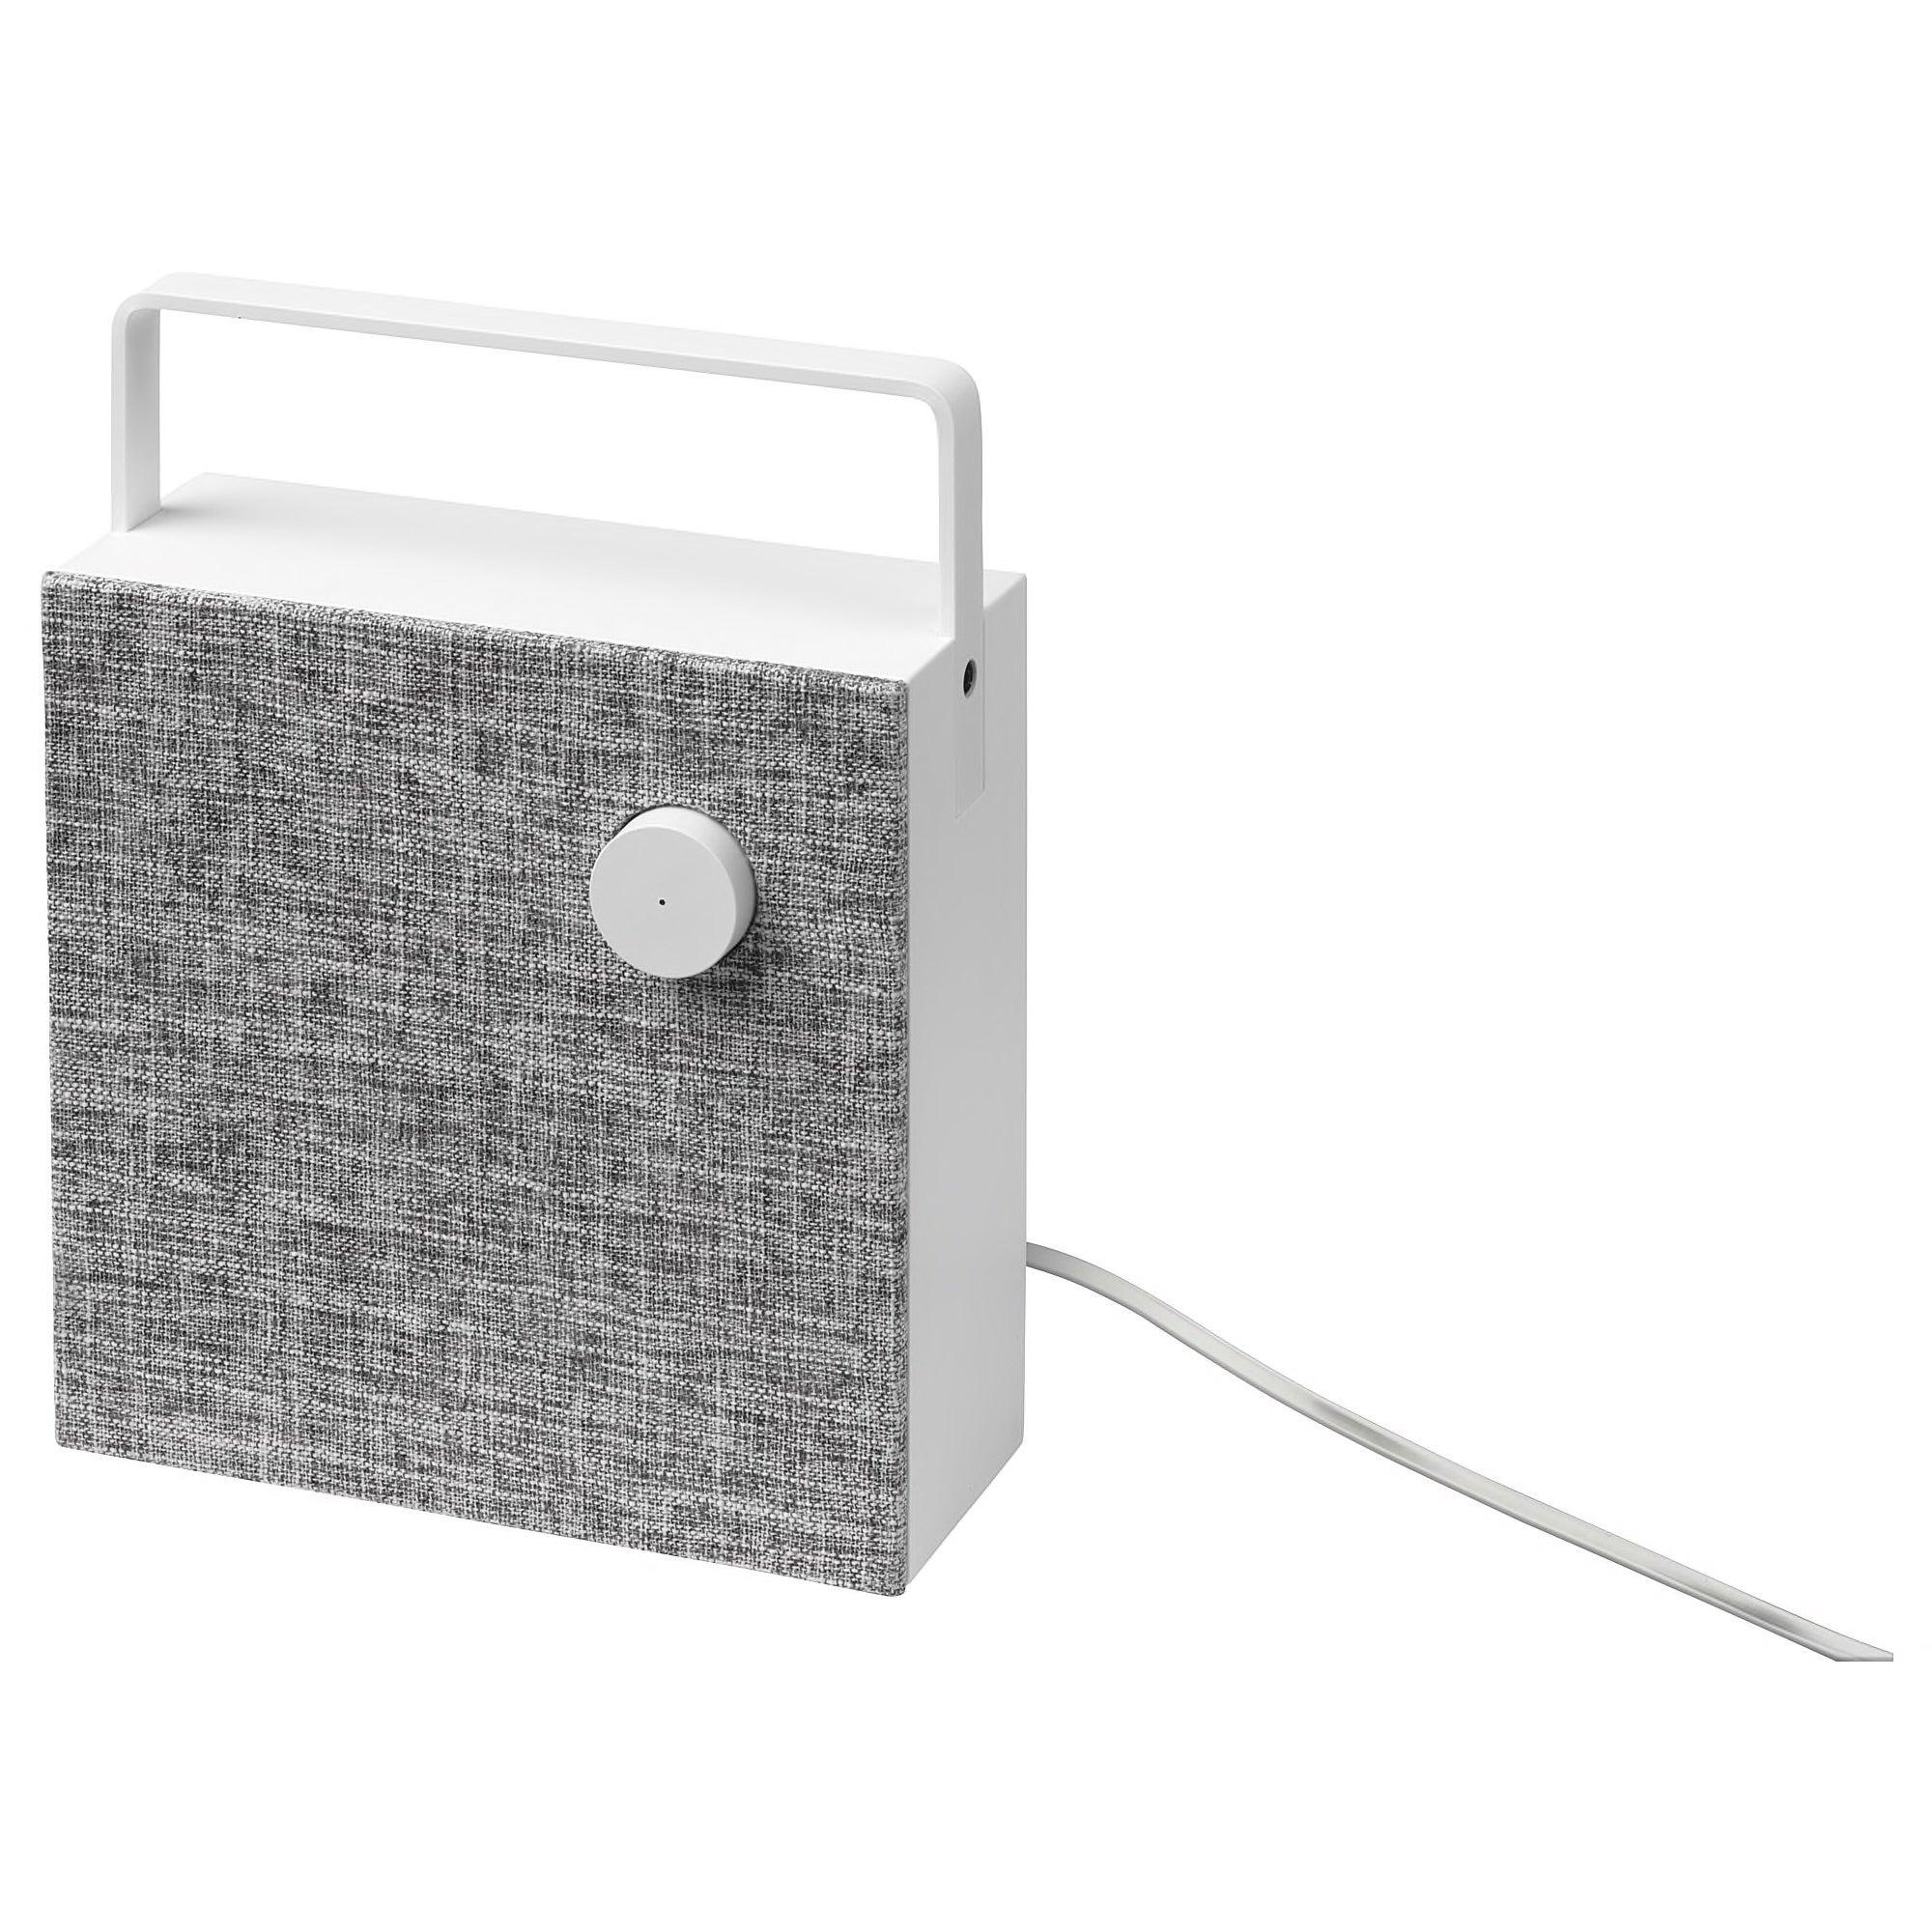 Ikea Eneby Speaker